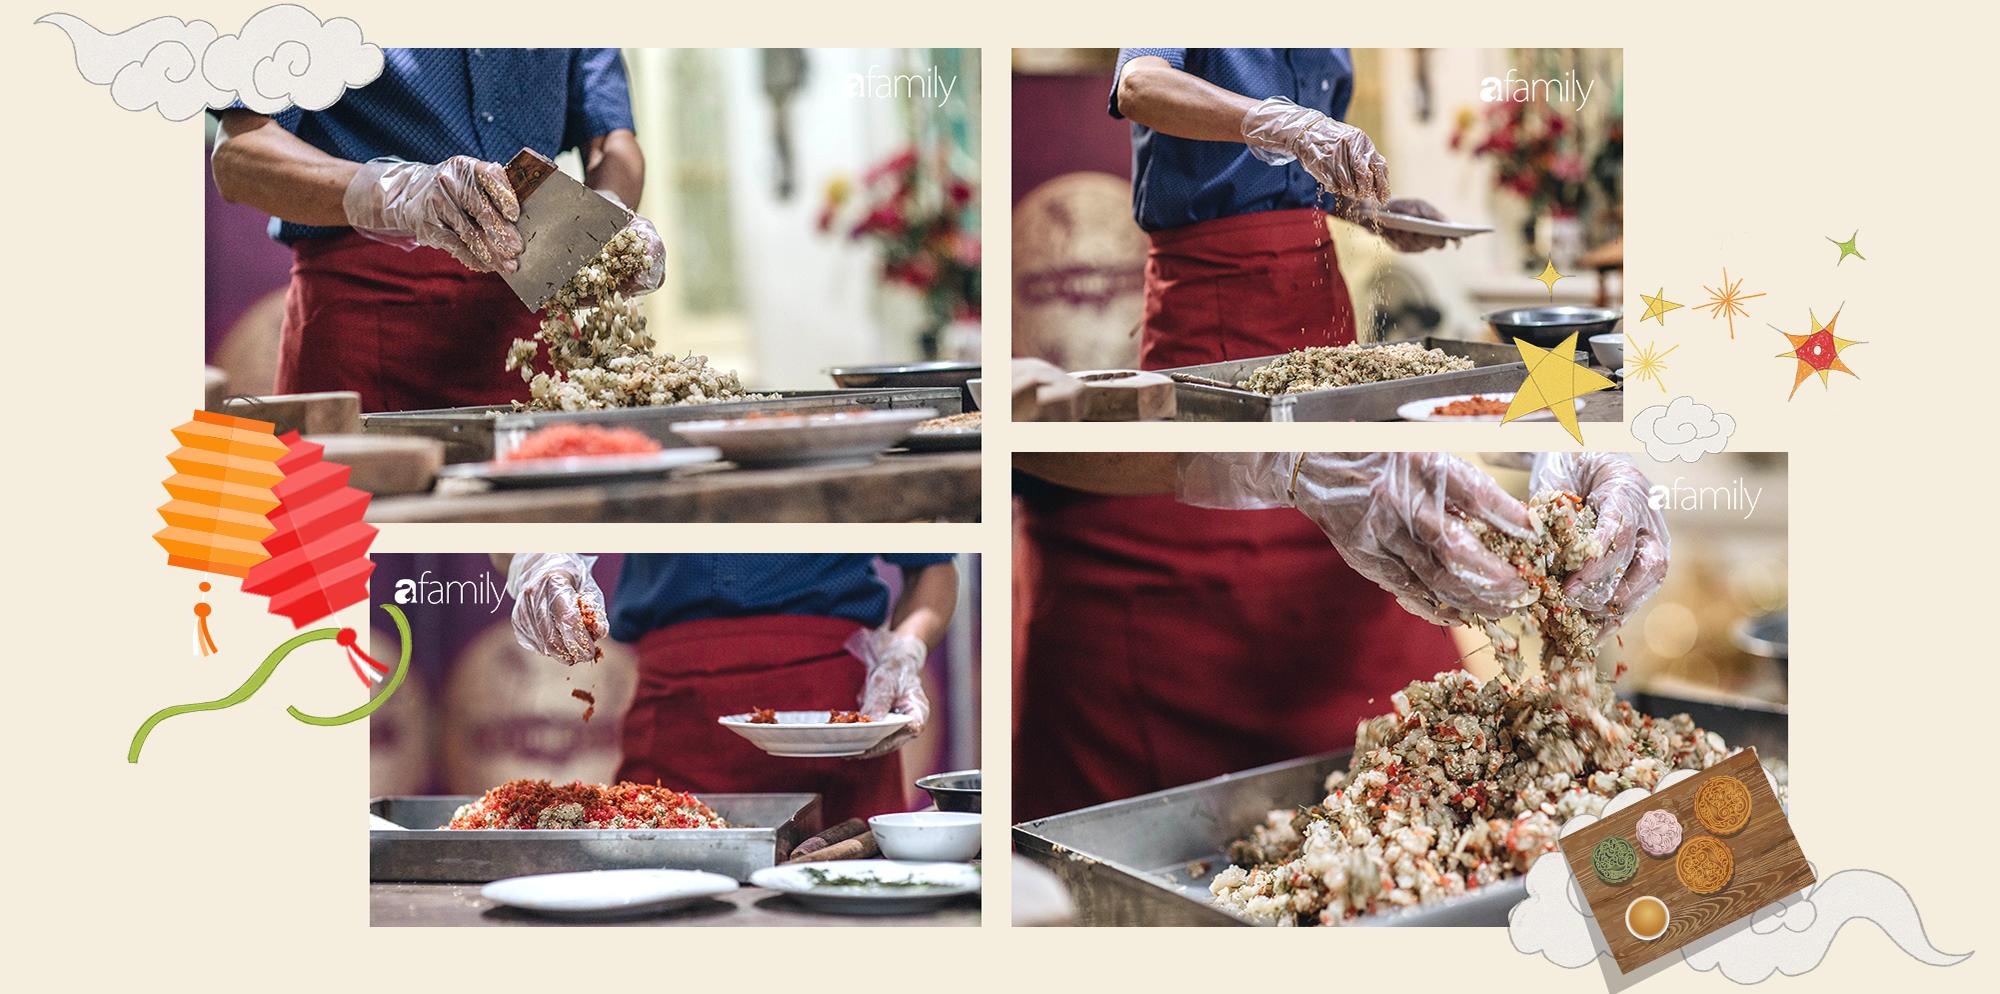 Hậu duệ đời thứ 4 của gia tộc hơn 100 năm làm bánh Trung thu đất Hà Thành: Nếu ăn chơi có thể thử 'của lạ', nhưng muốn nhớ lâu hãy quay về truyền thống - Ảnh 7.